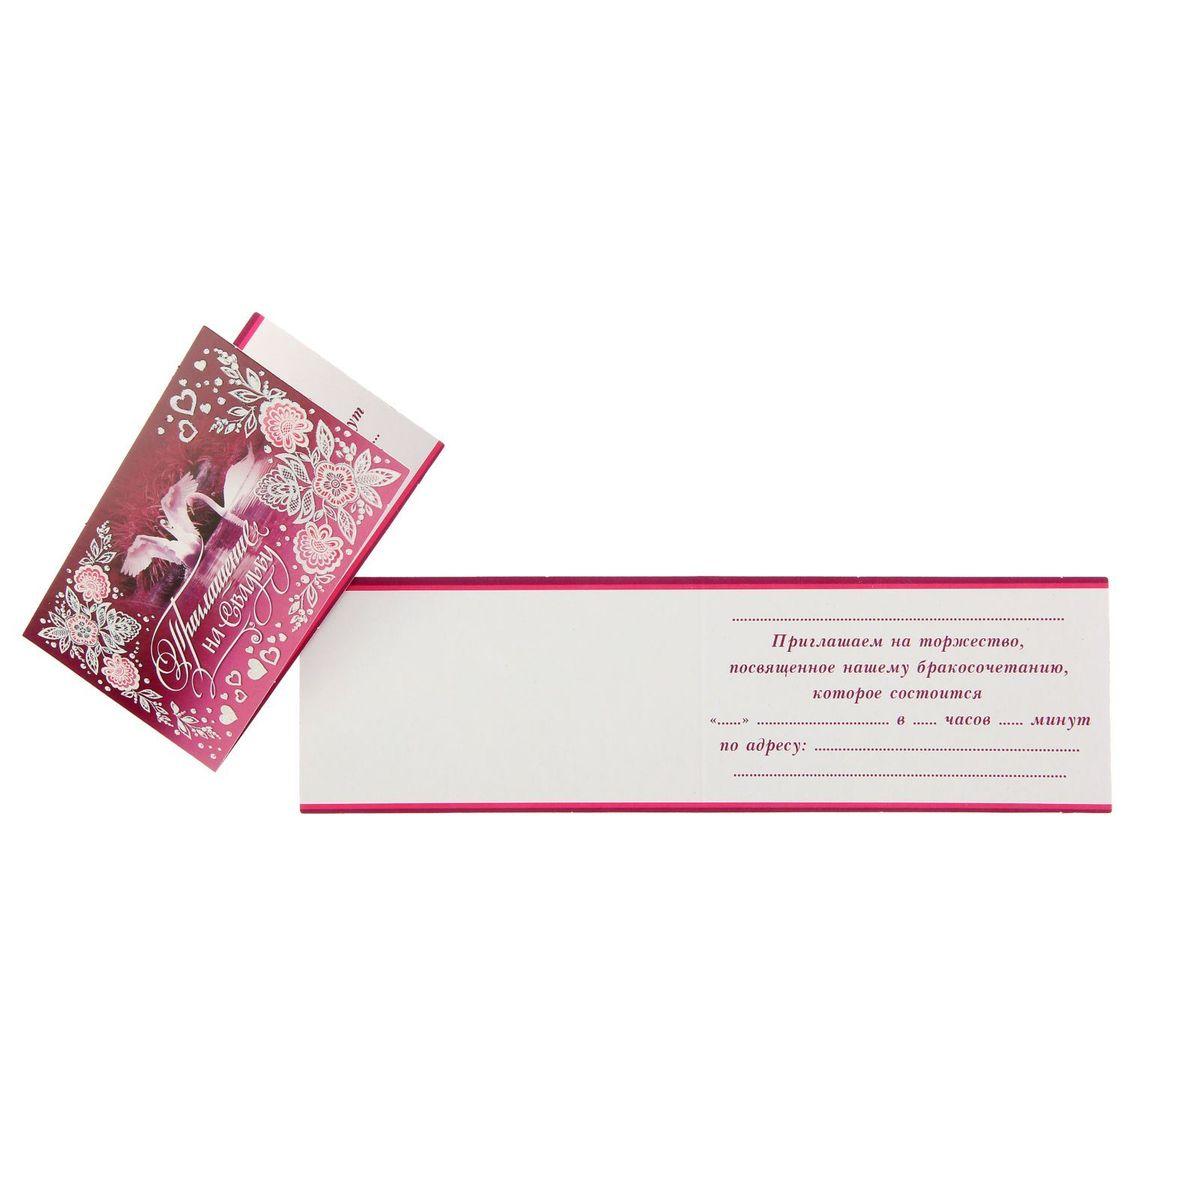 Приглашение на свадьбу Мир открыток ЛебедиKT415EПриглашение на свадьбу Мир открыток Лебеди, выполненное из картона, отличается не только оригинальным дизайном, но и высоким качеством. Лицевая сторона изделия оформлена красивым изображением лебедей, а также изящным узором. Внутри содержится поле для записи имени гостя, а также даты и места бракосочетания. Приглашение - один из самых важных элементов вашего торжества. Ведь именно пригласительное письмо станет первым и главным объявлением о том, что вы решили провести столь важное мероприятие. И эта новость обязательно должна быть преподнесена достойным образом. Приглашение - весомая часть всей концепции праздника.